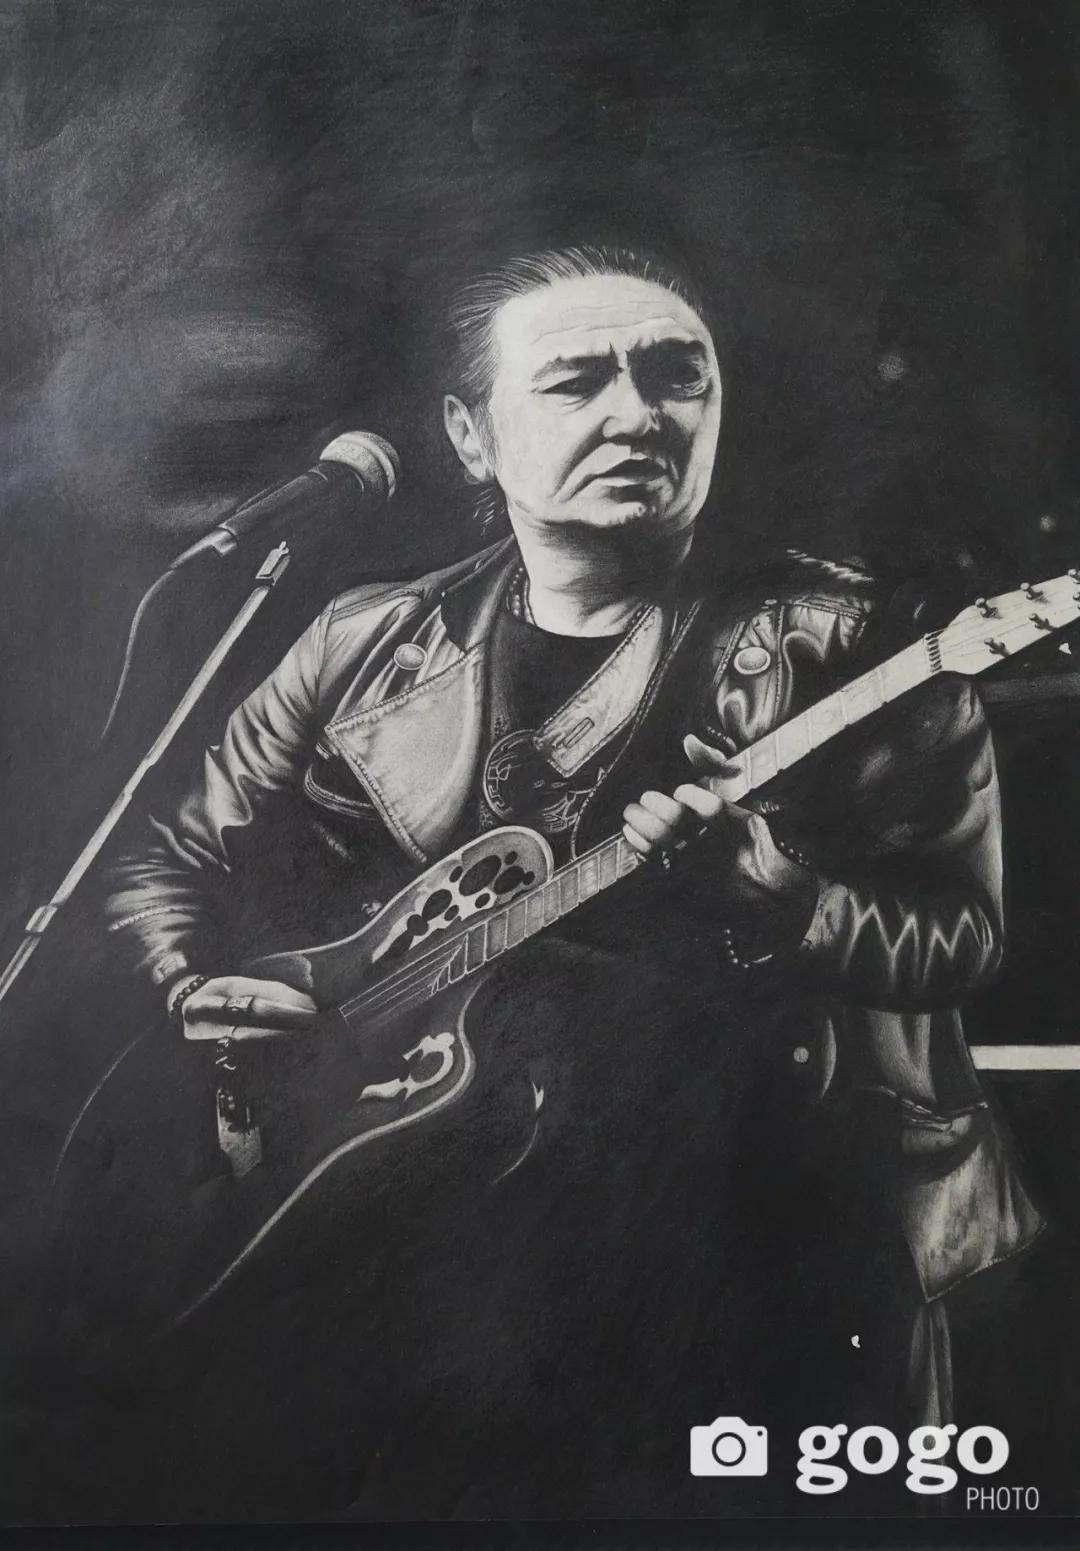 传奇摇滚乐队、流行歌手、艺术家肖像画展在蒙古国开幕20180531_081545_004.jpg